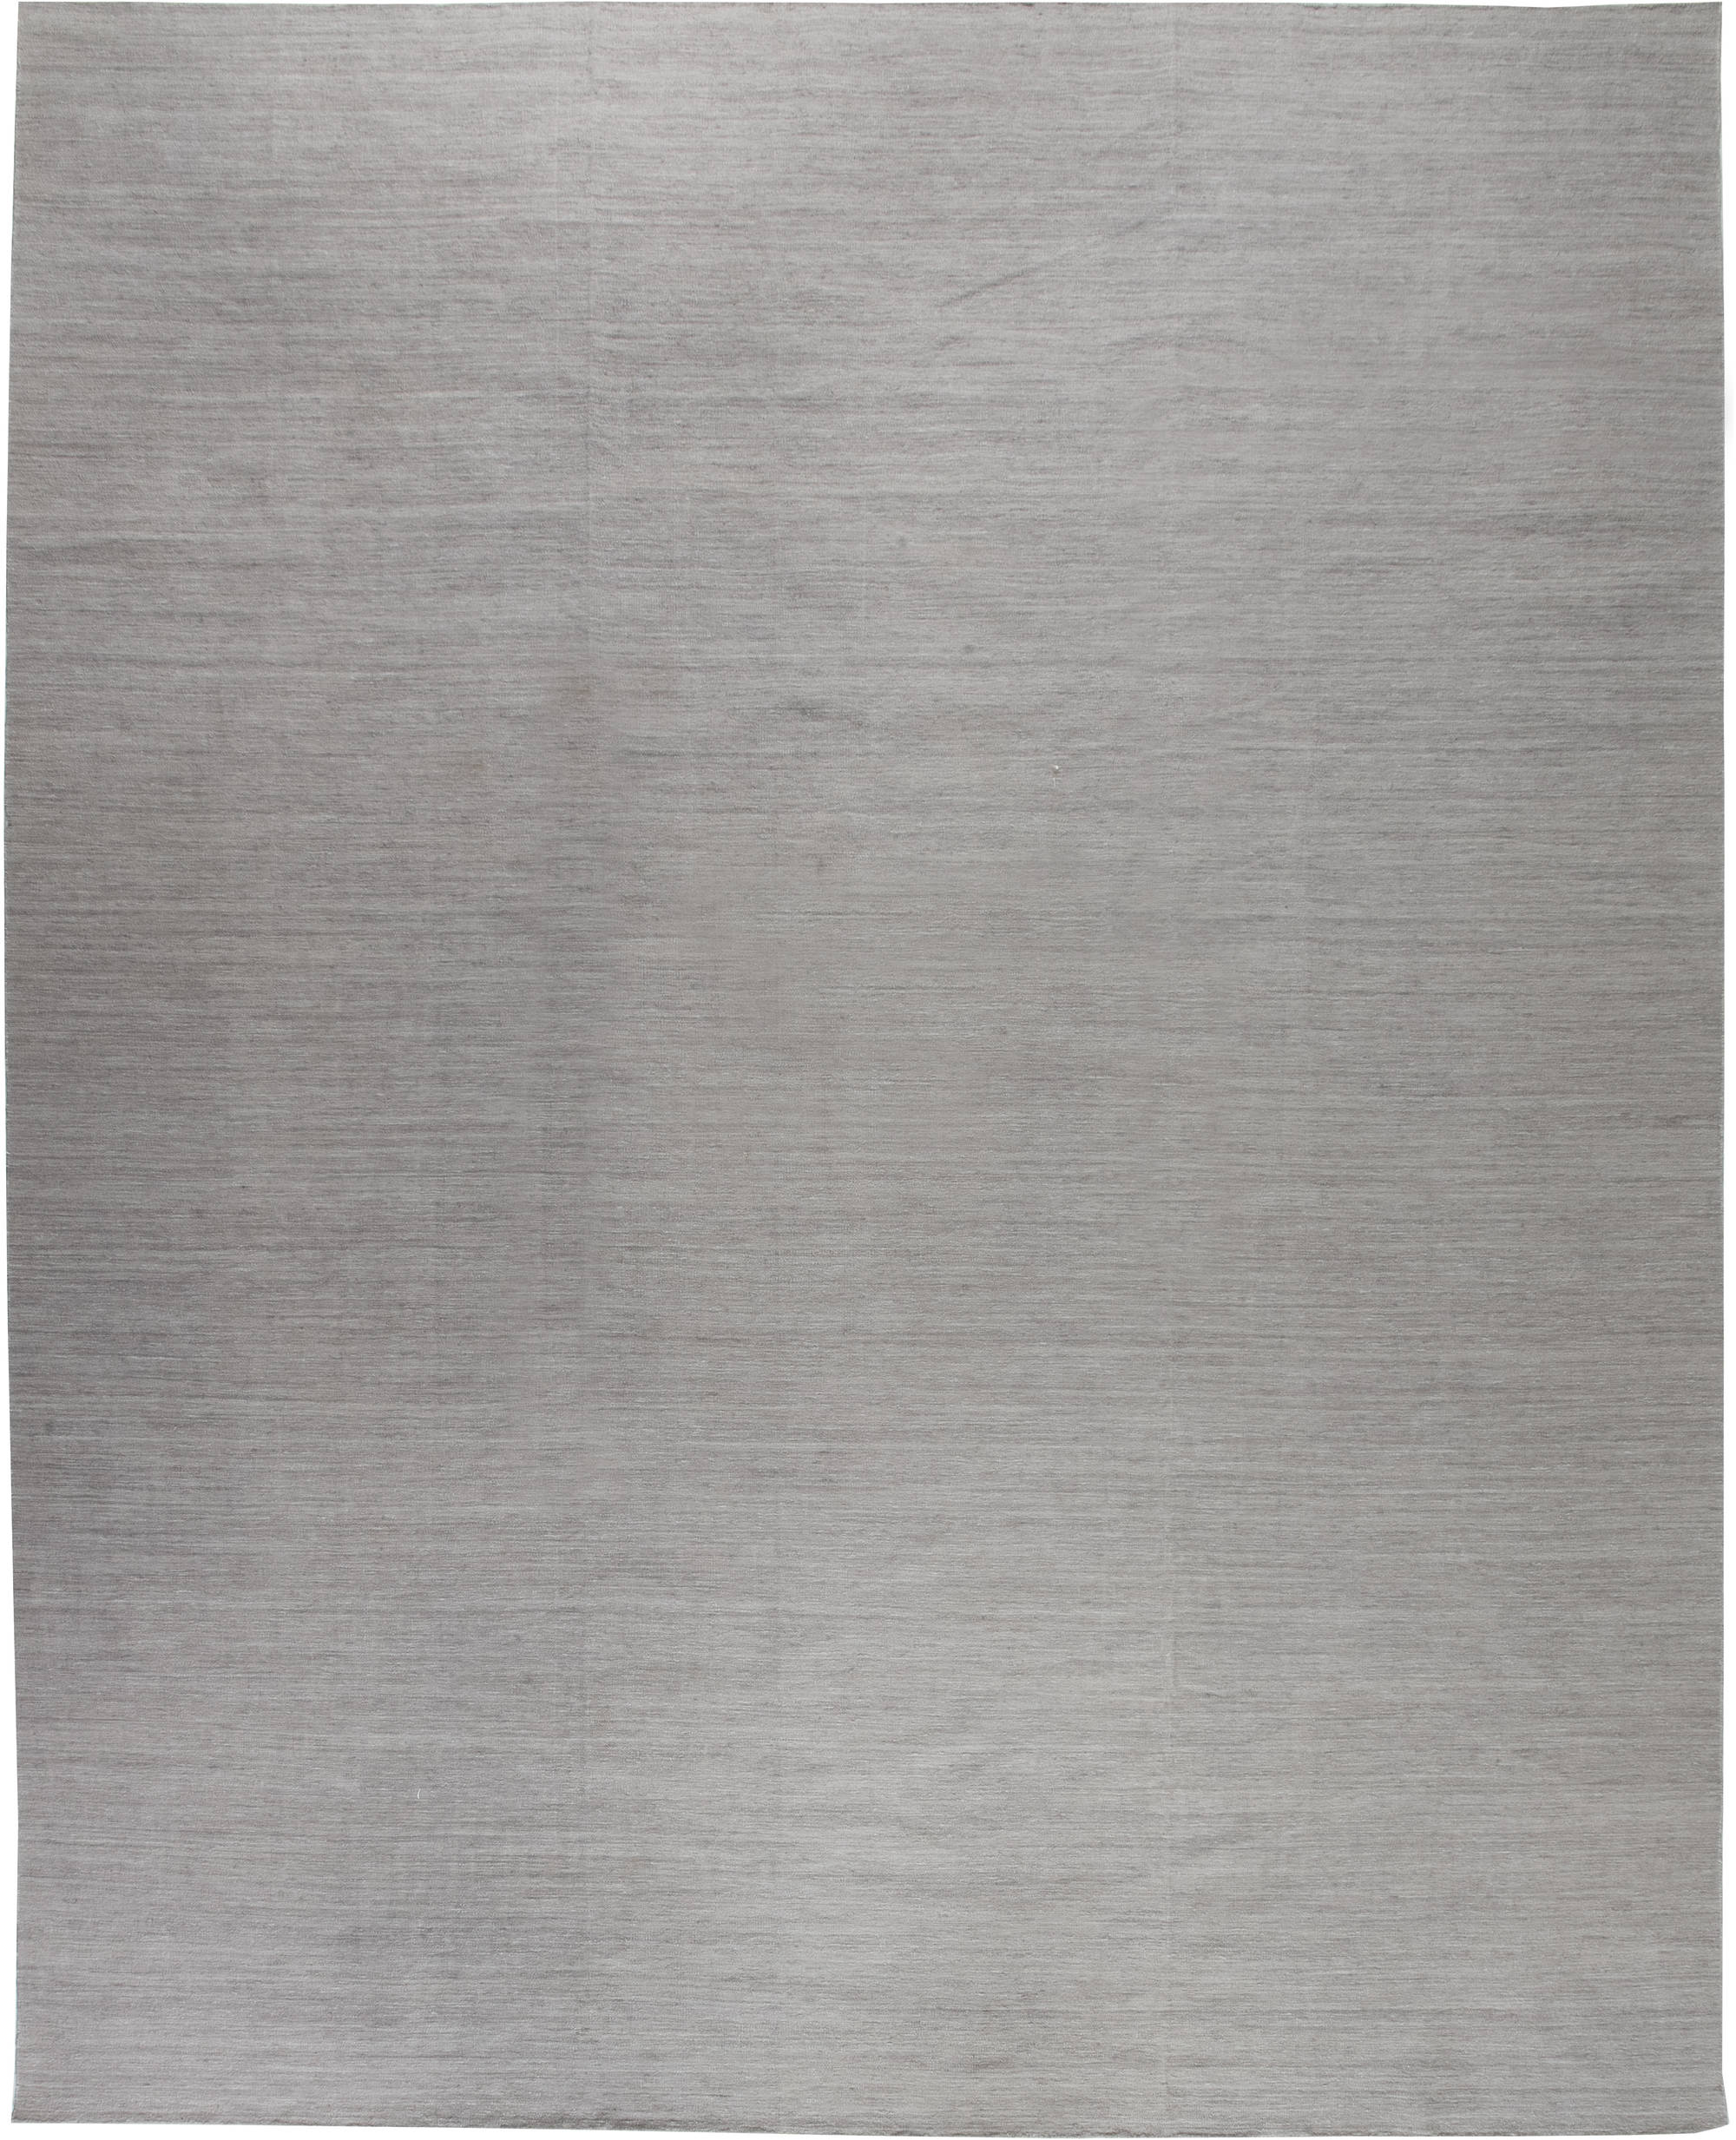 Kilim Flat weave Rug. N11691